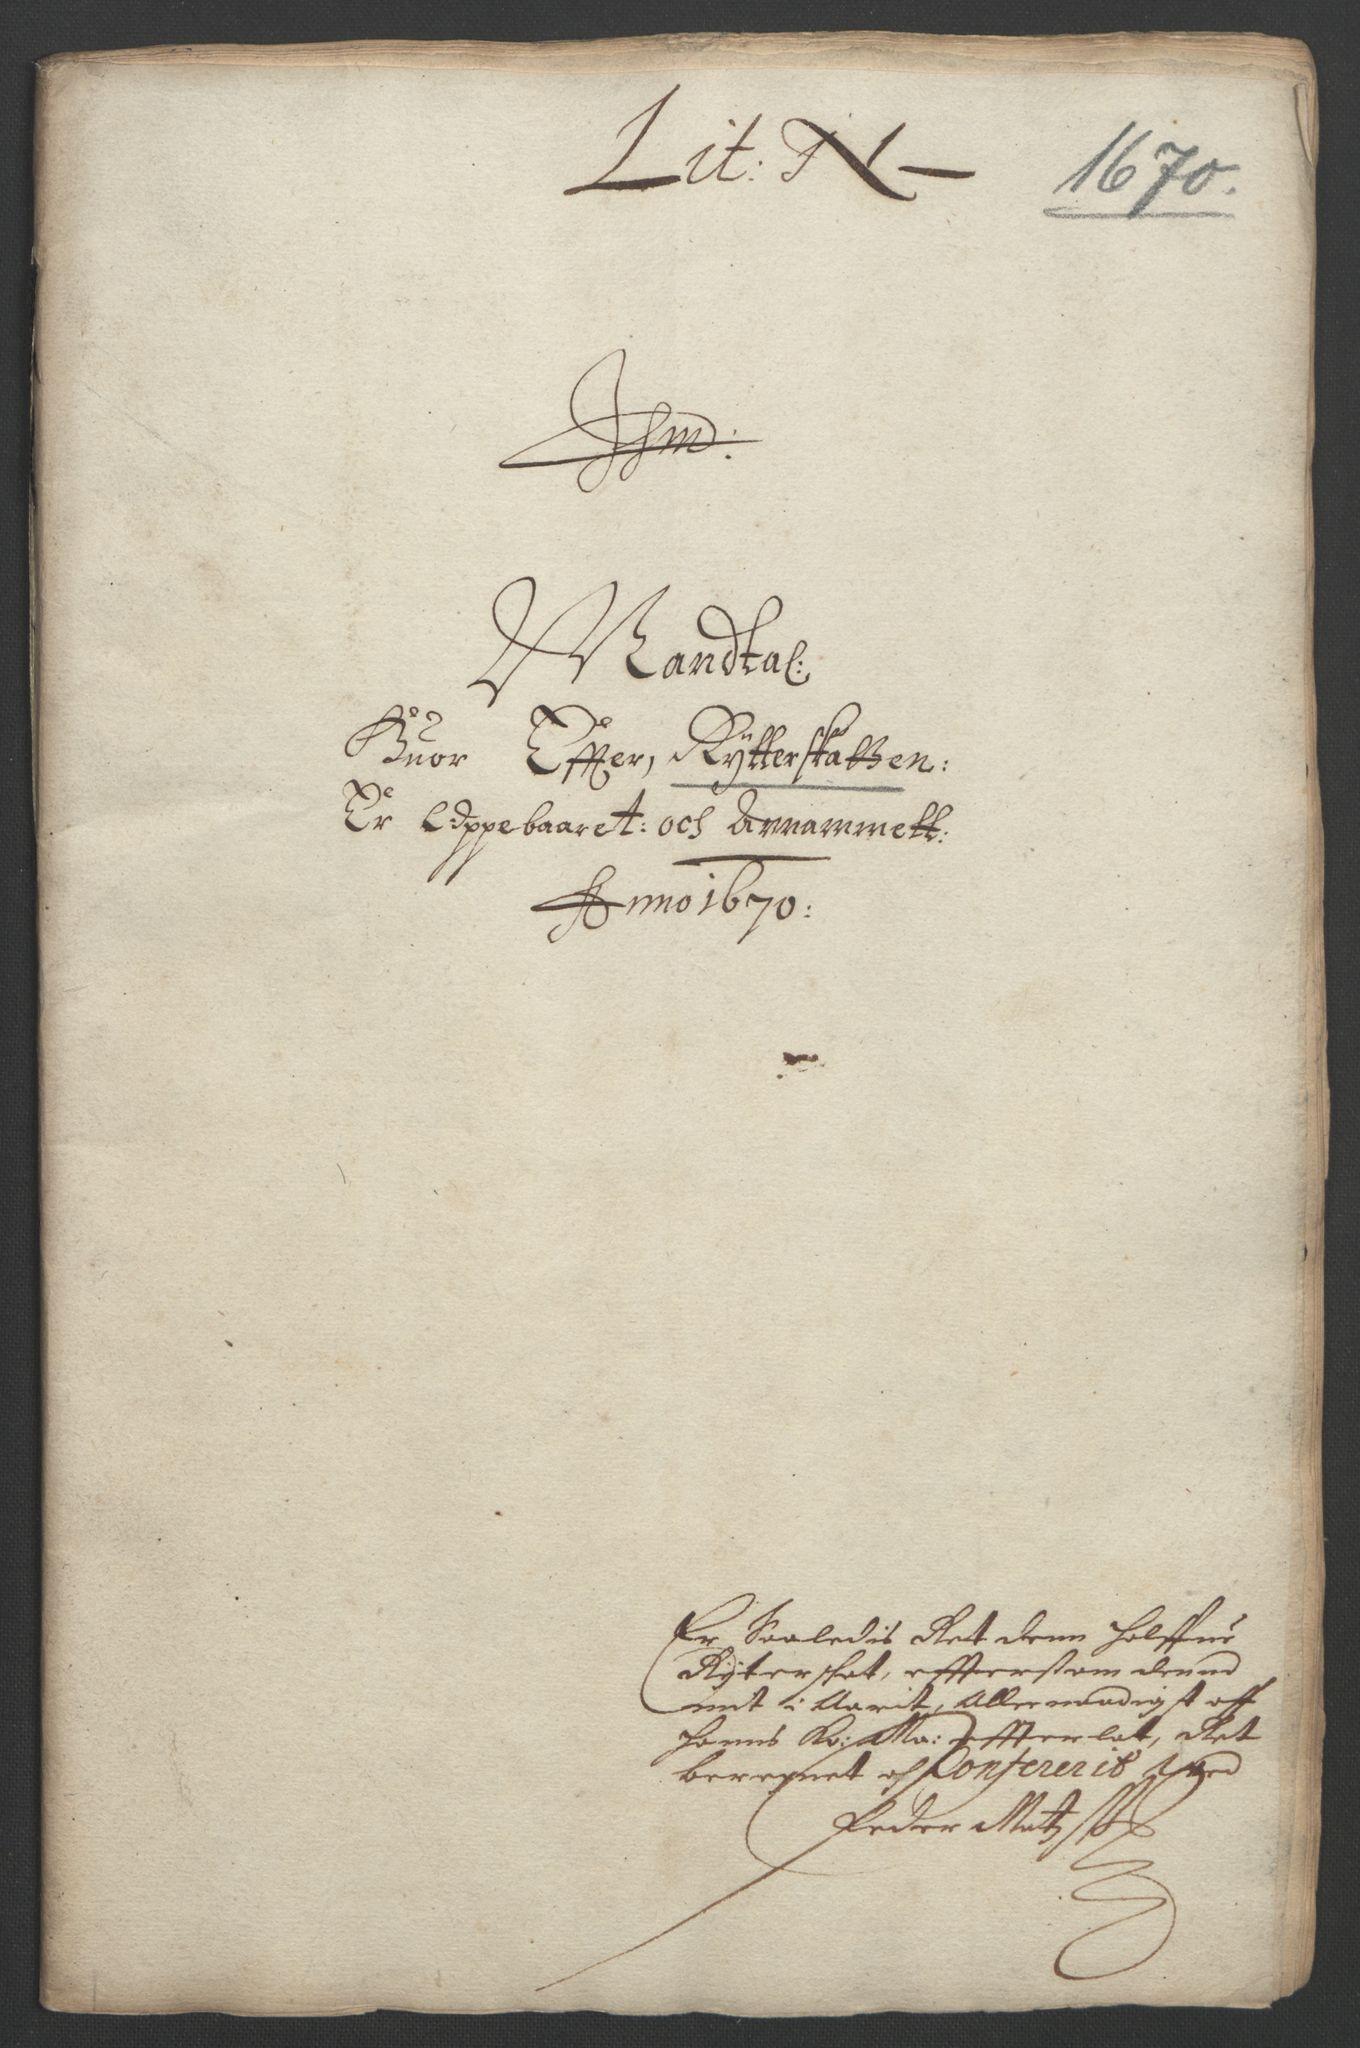 RA, Rentekammeret inntil 1814, Reviderte regnskaper, Fogderegnskap, R33/L1965: Fogderegnskap Larvik grevskap, 1669-1670, s. 164